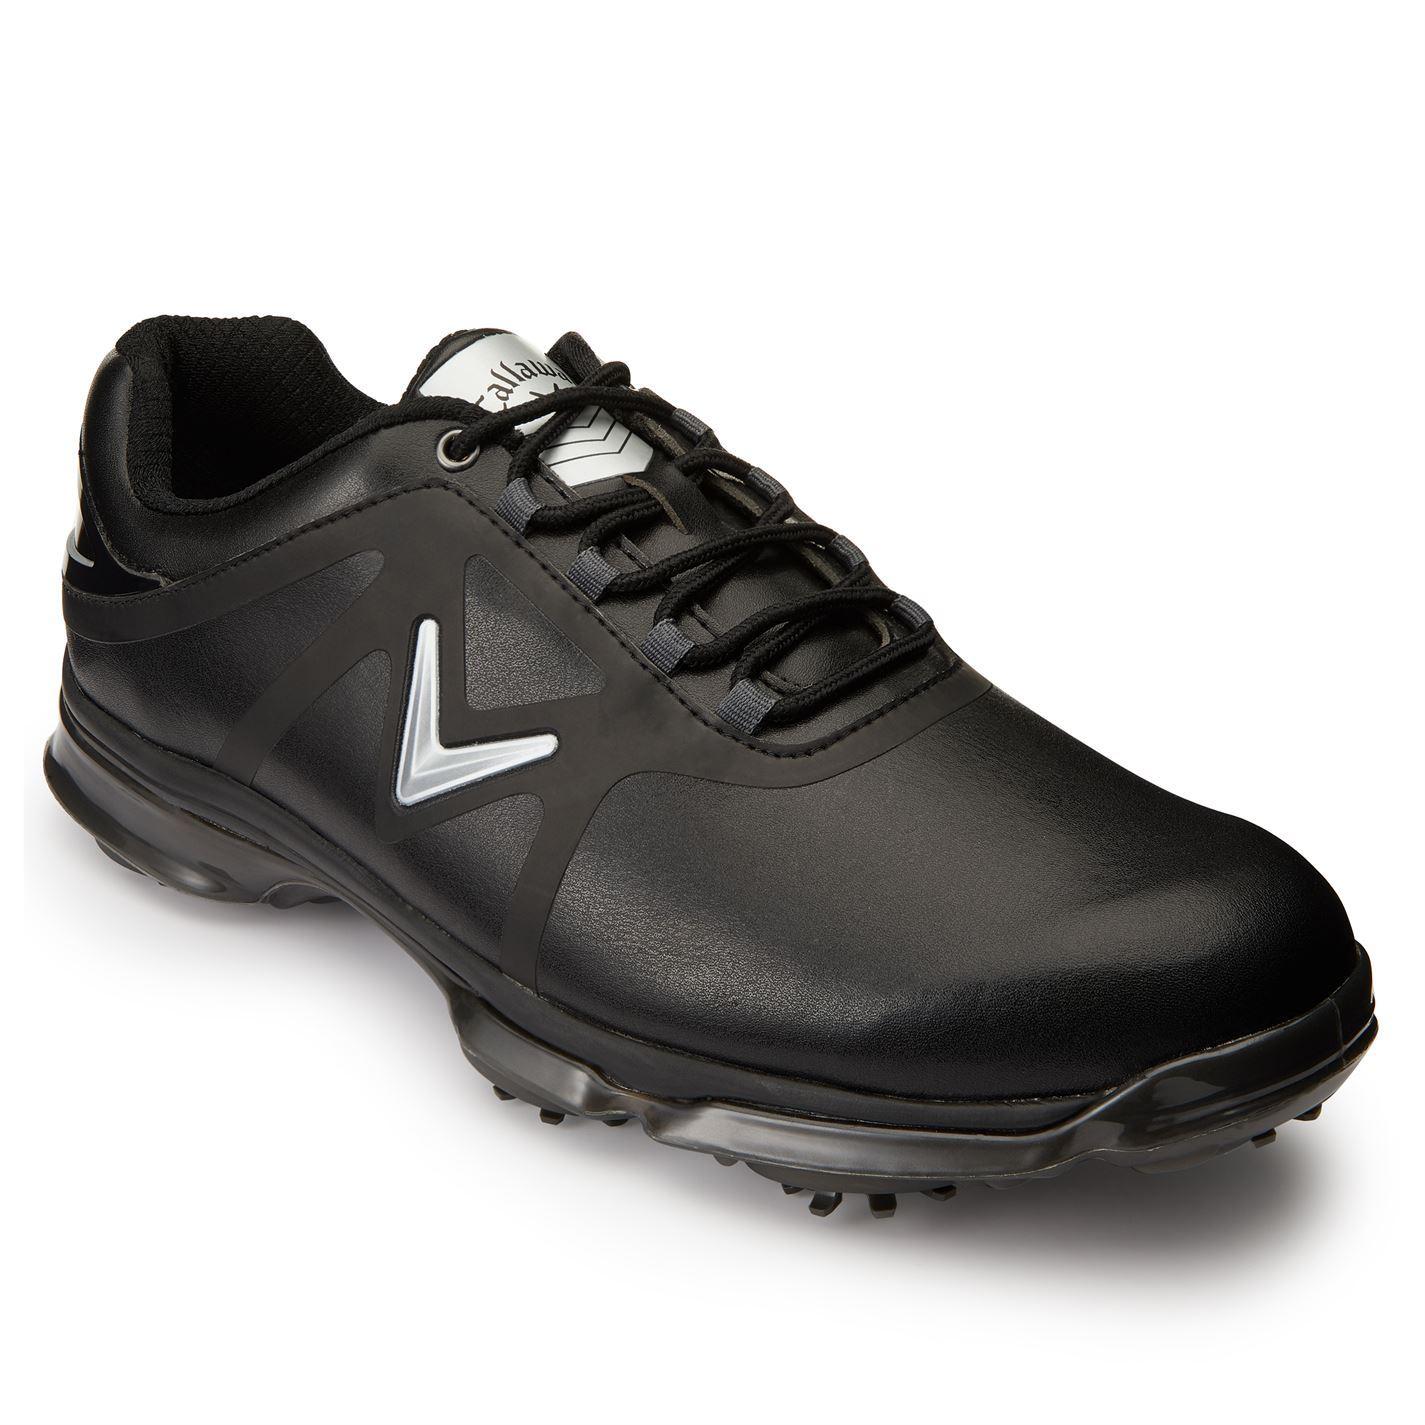 Callaway-XTT-Comfort-Spiked-Golf-Shoes-Mens-Spikes-Footwear thumbnail 3